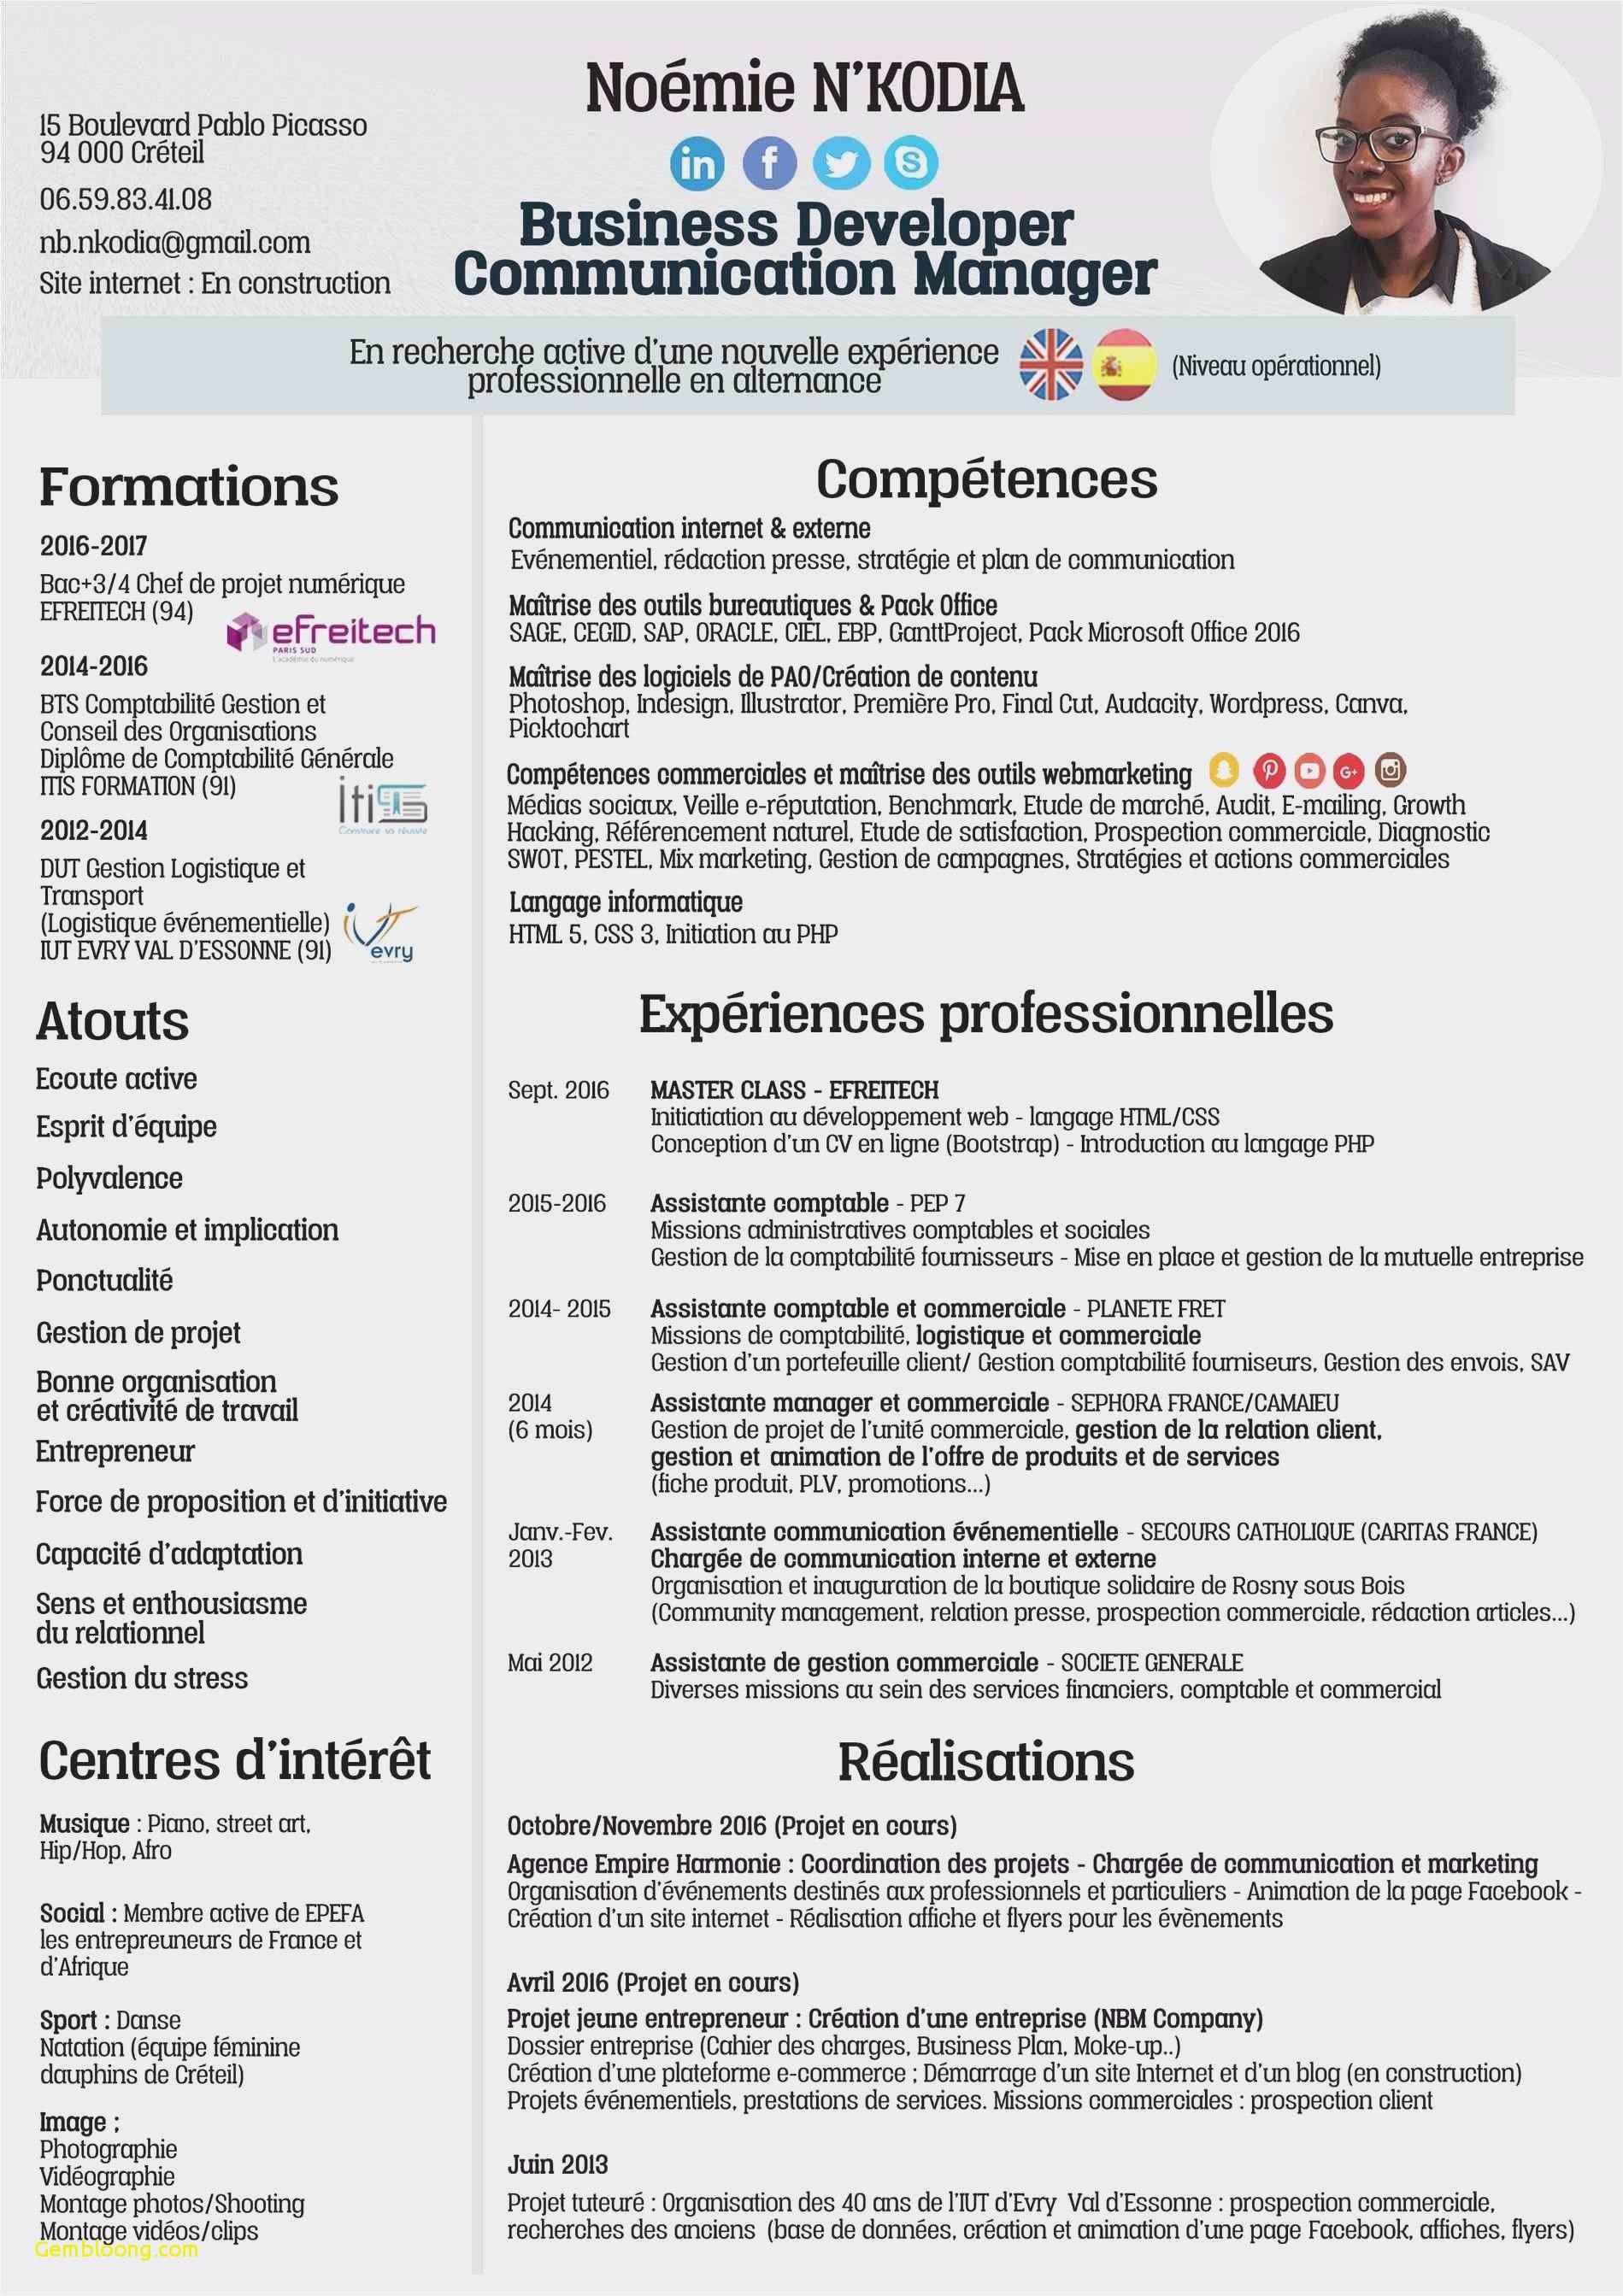 36 Elegant Recherche Patron Pour Bp Coiffure